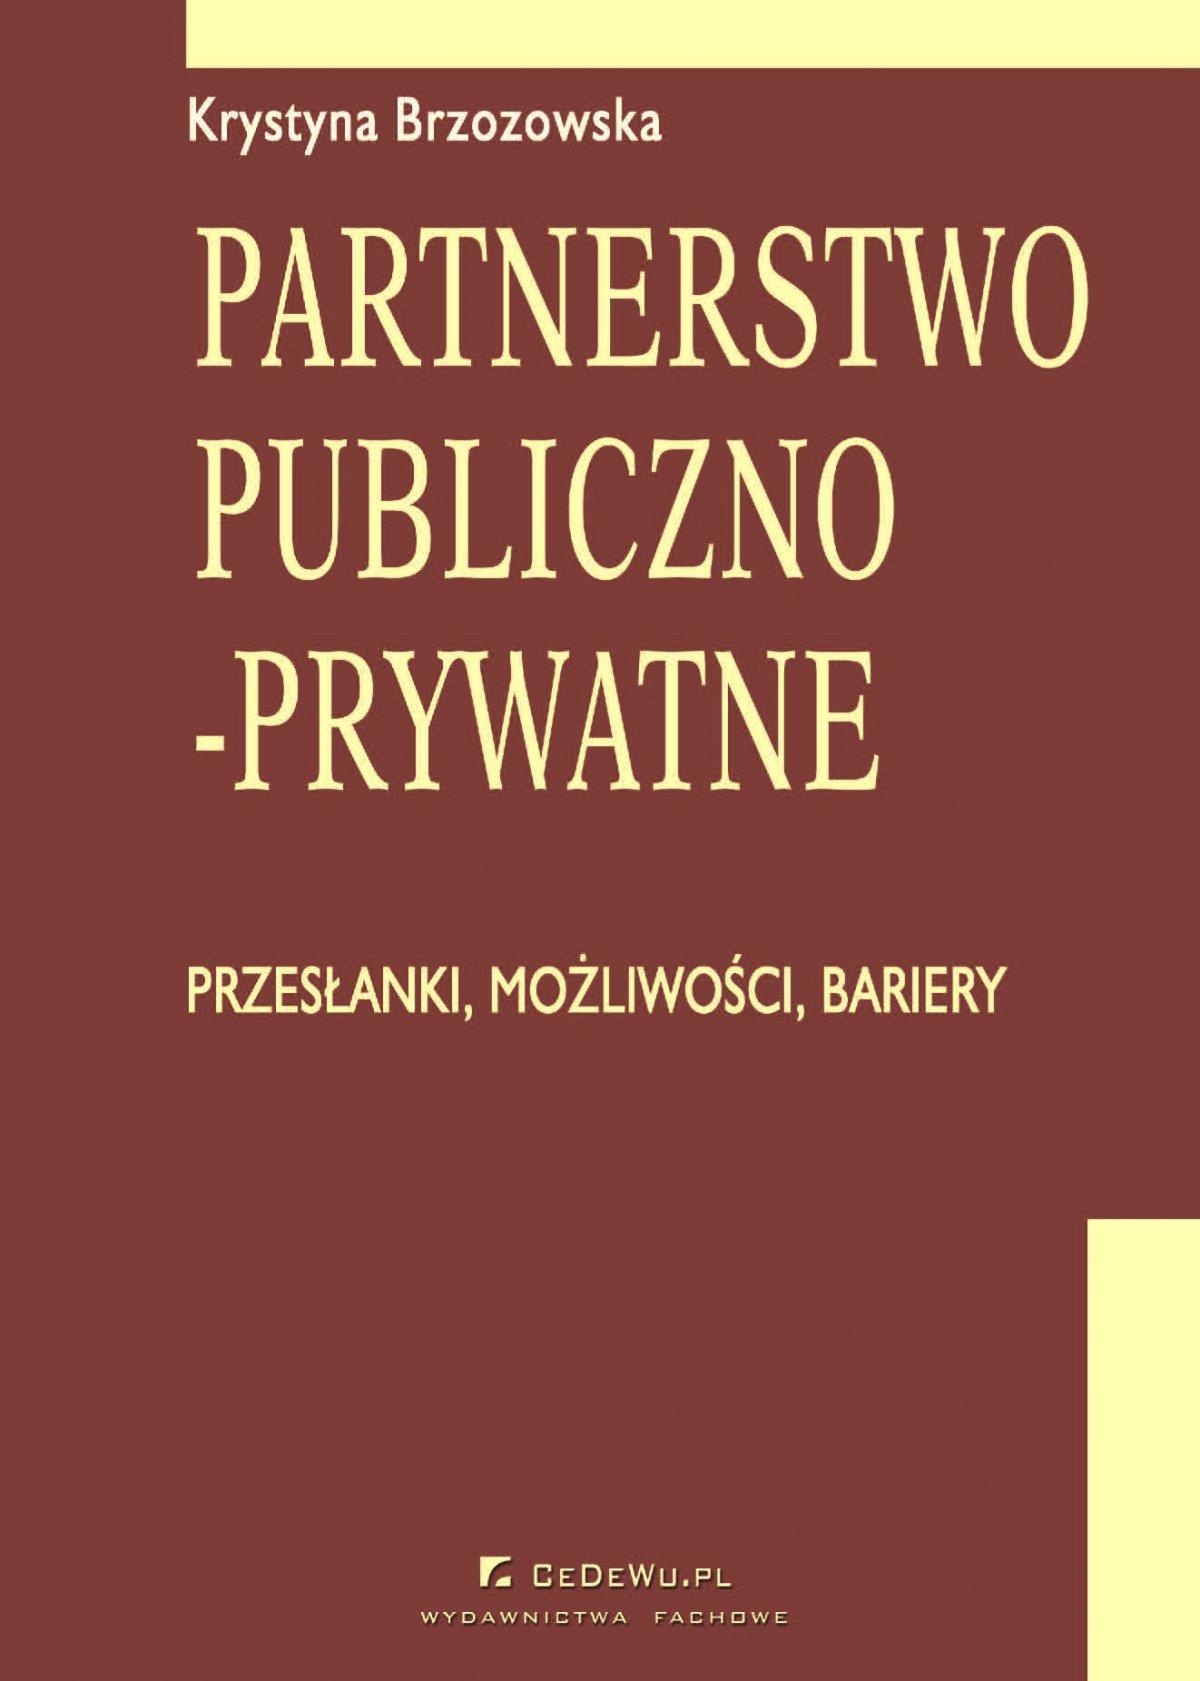 Partnerstwo publiczno-prywatne. Przesłanki, możliwości, bariery. Rozdział 12. Rozwój partnerstwa publiczno-prywatnego w Polsce - Ebook (Książka PDF) do pobrania w formacie PDF